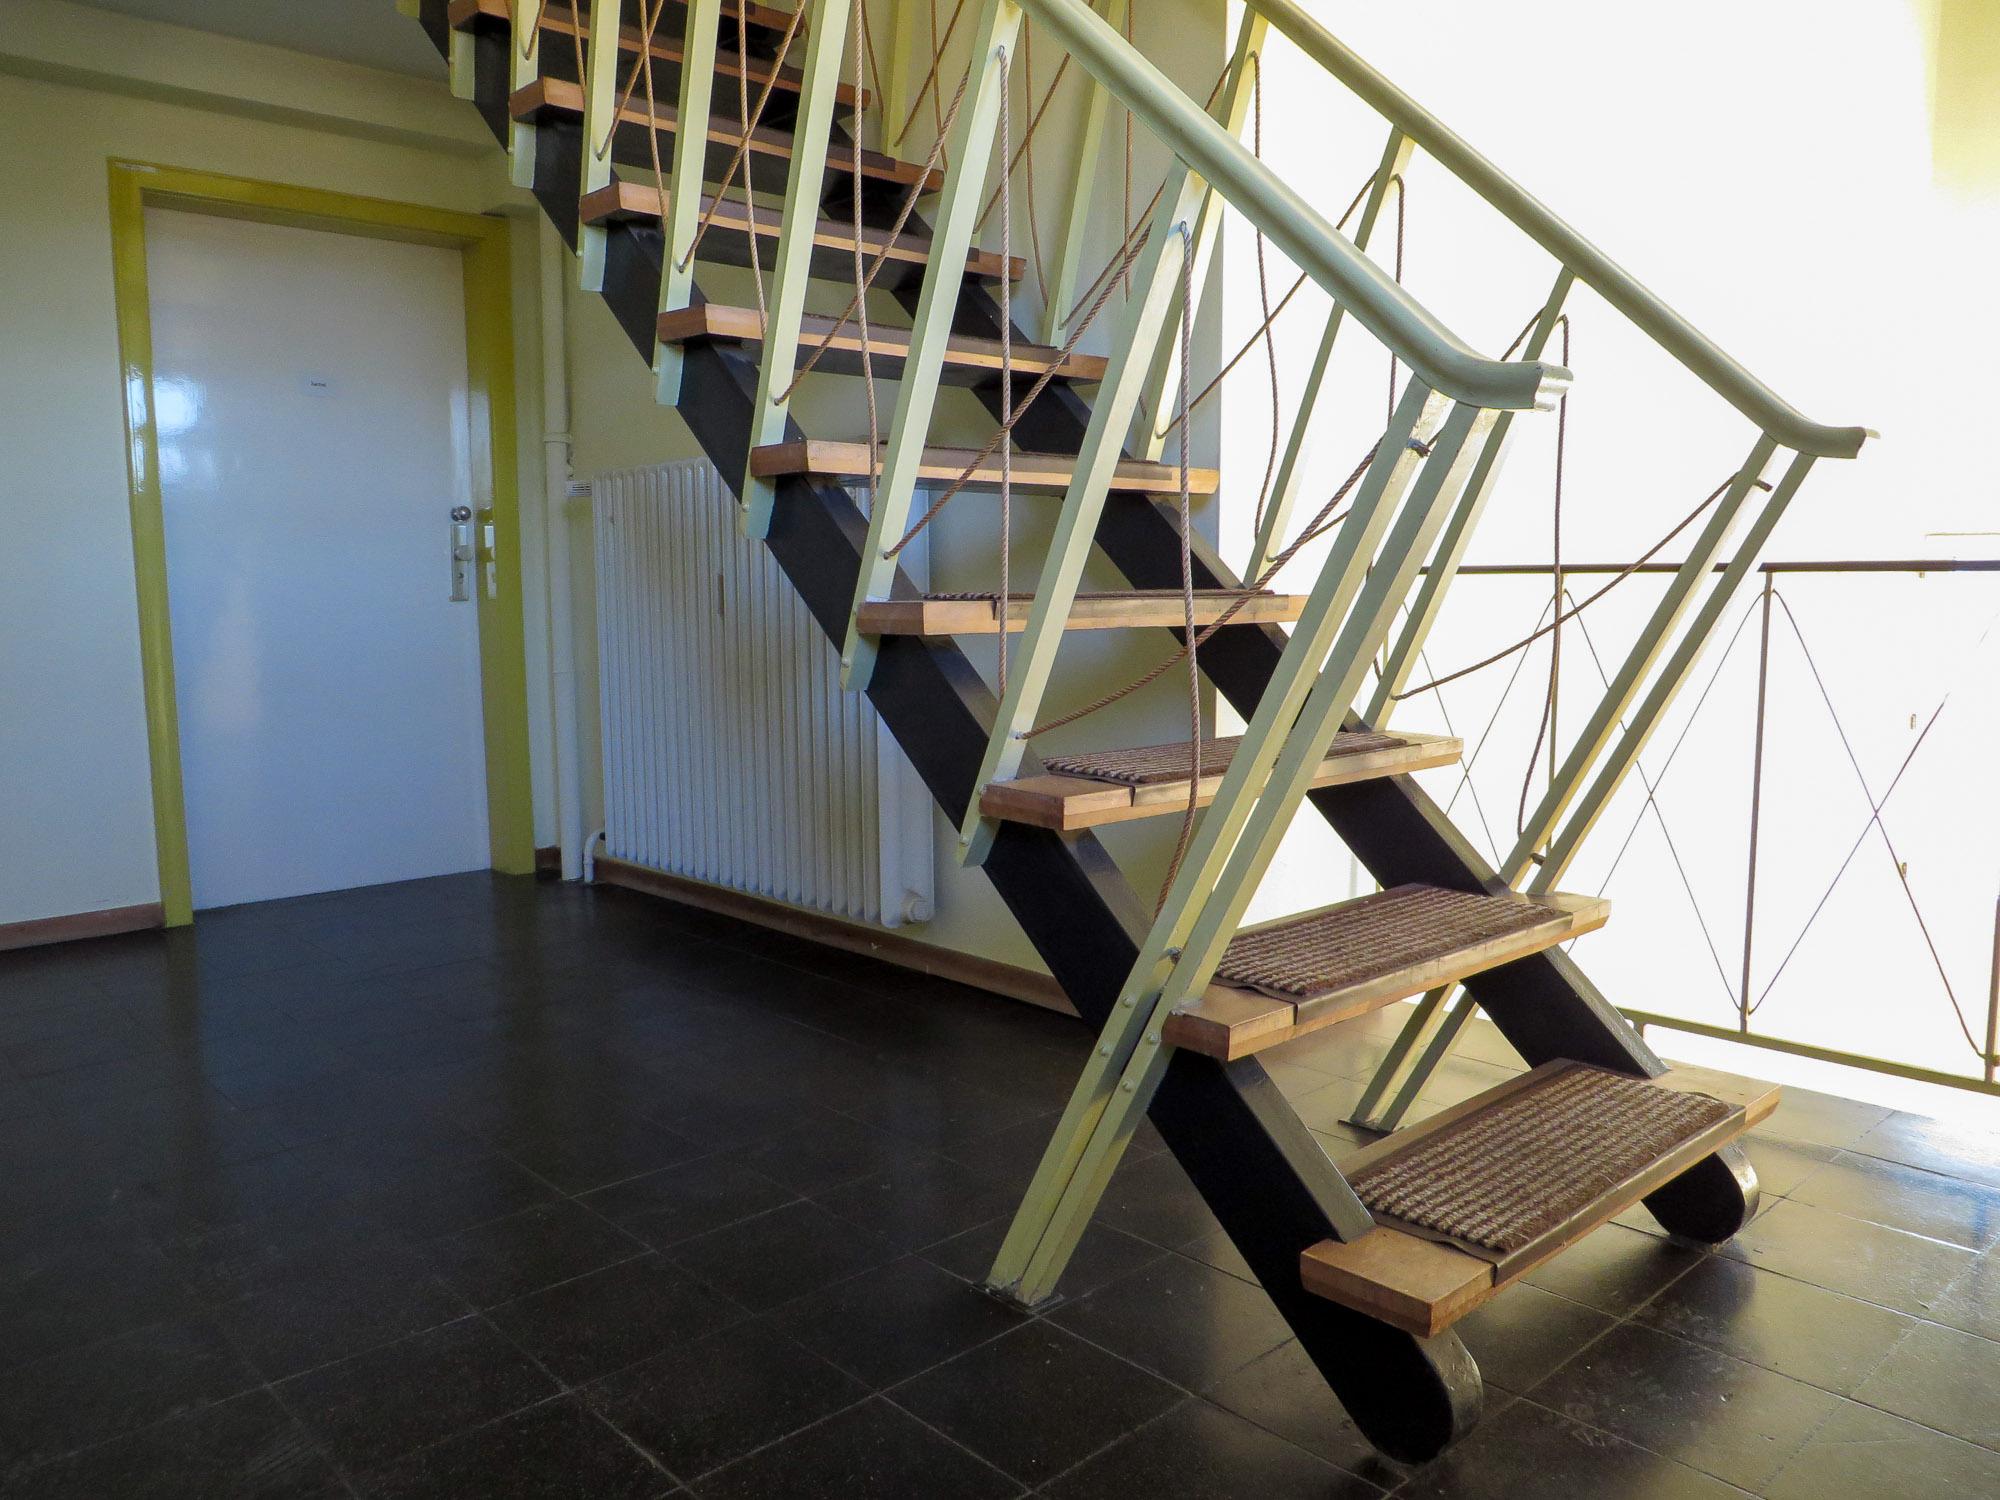 Steile Treppe vom Flur zum Dachboden. Die Form der Geländer erinnert an die Ausstattung eines Schiffs.